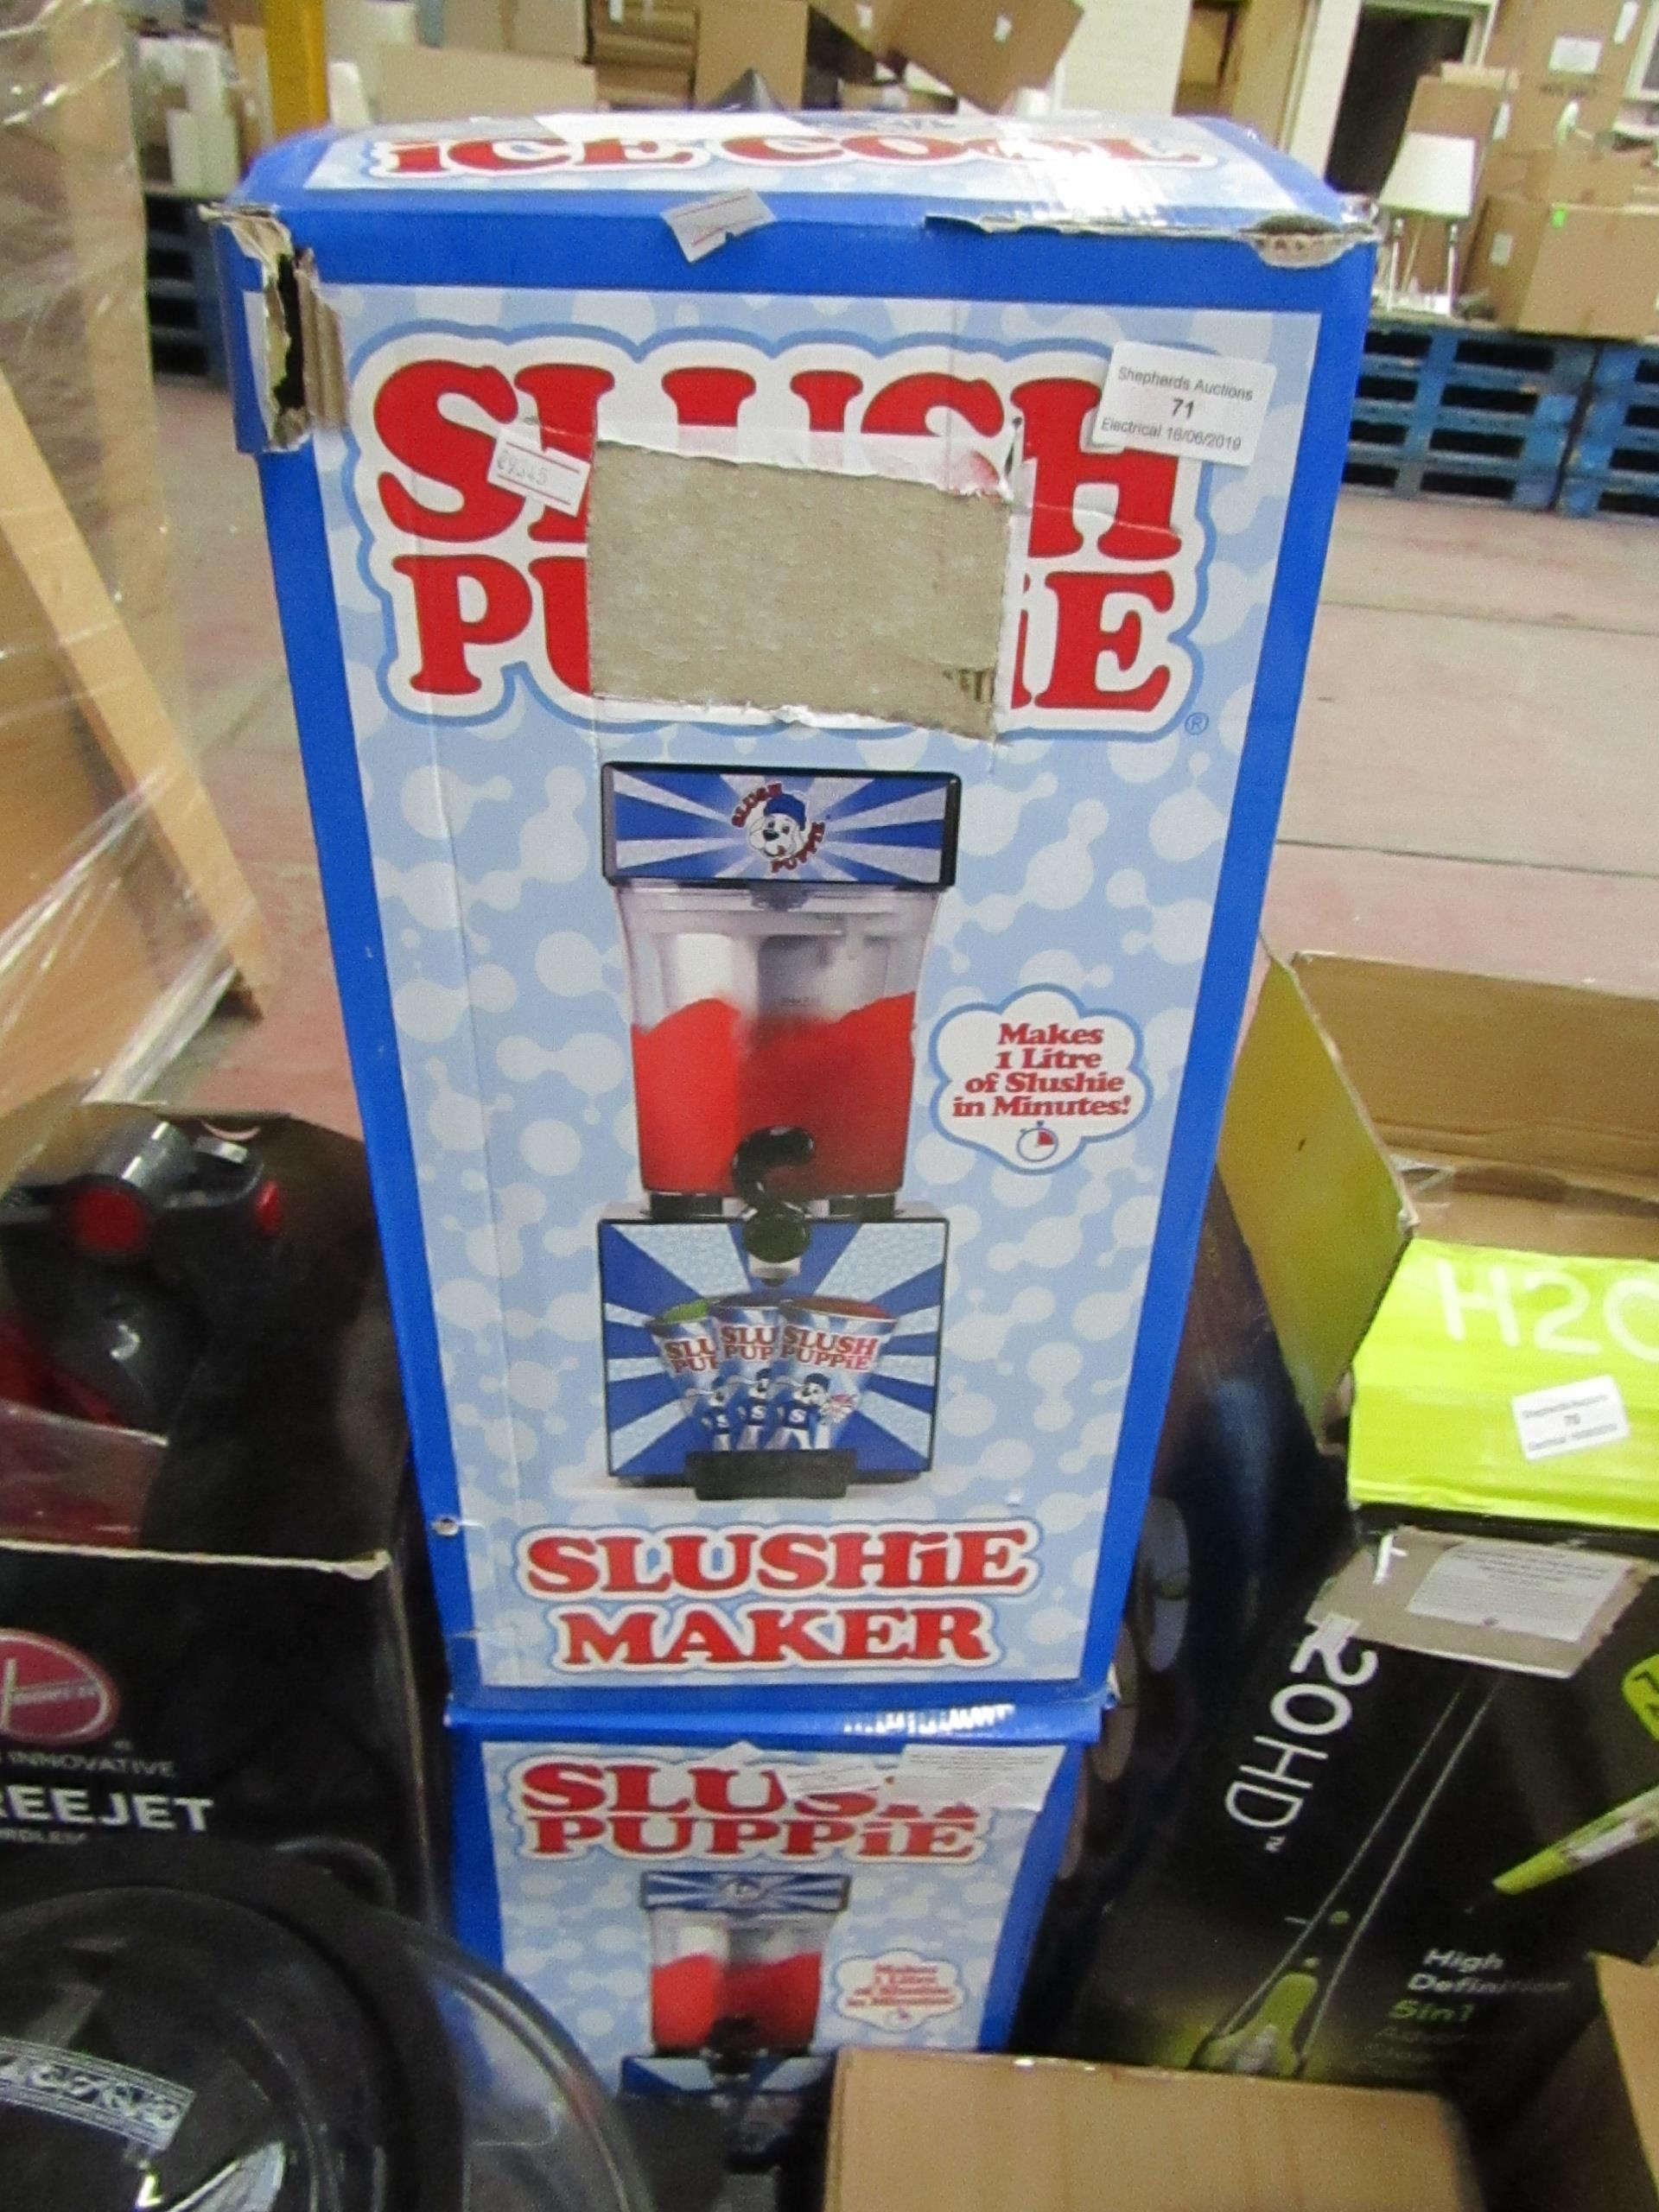 Lot 72 - Slush puppie slushie maker, tested working and boxed.